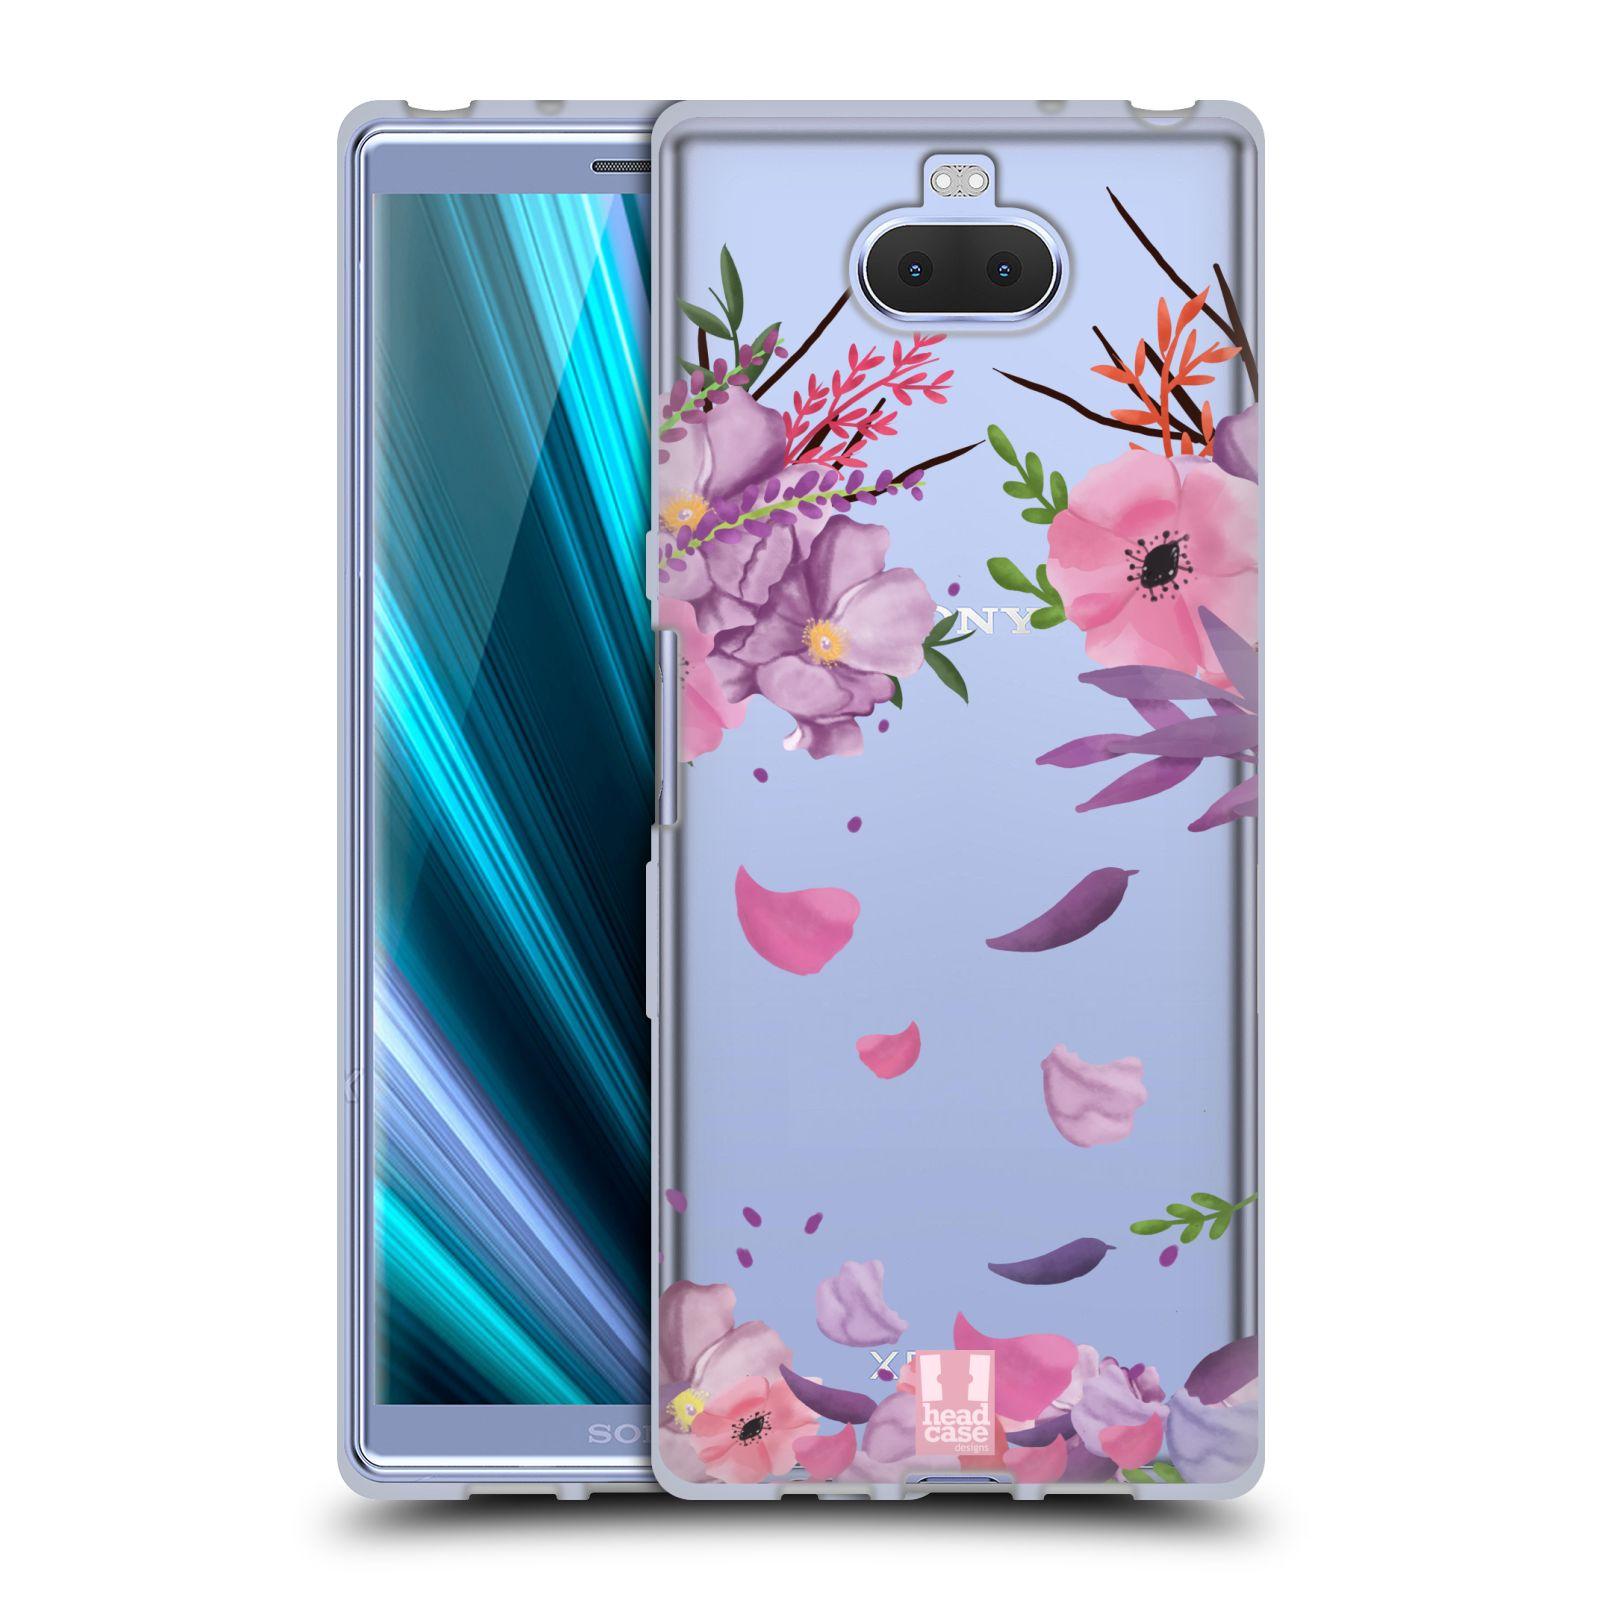 Silikonové pouzdro na mobil Sony Xperia 10 - Head Case - Okvětní lístky